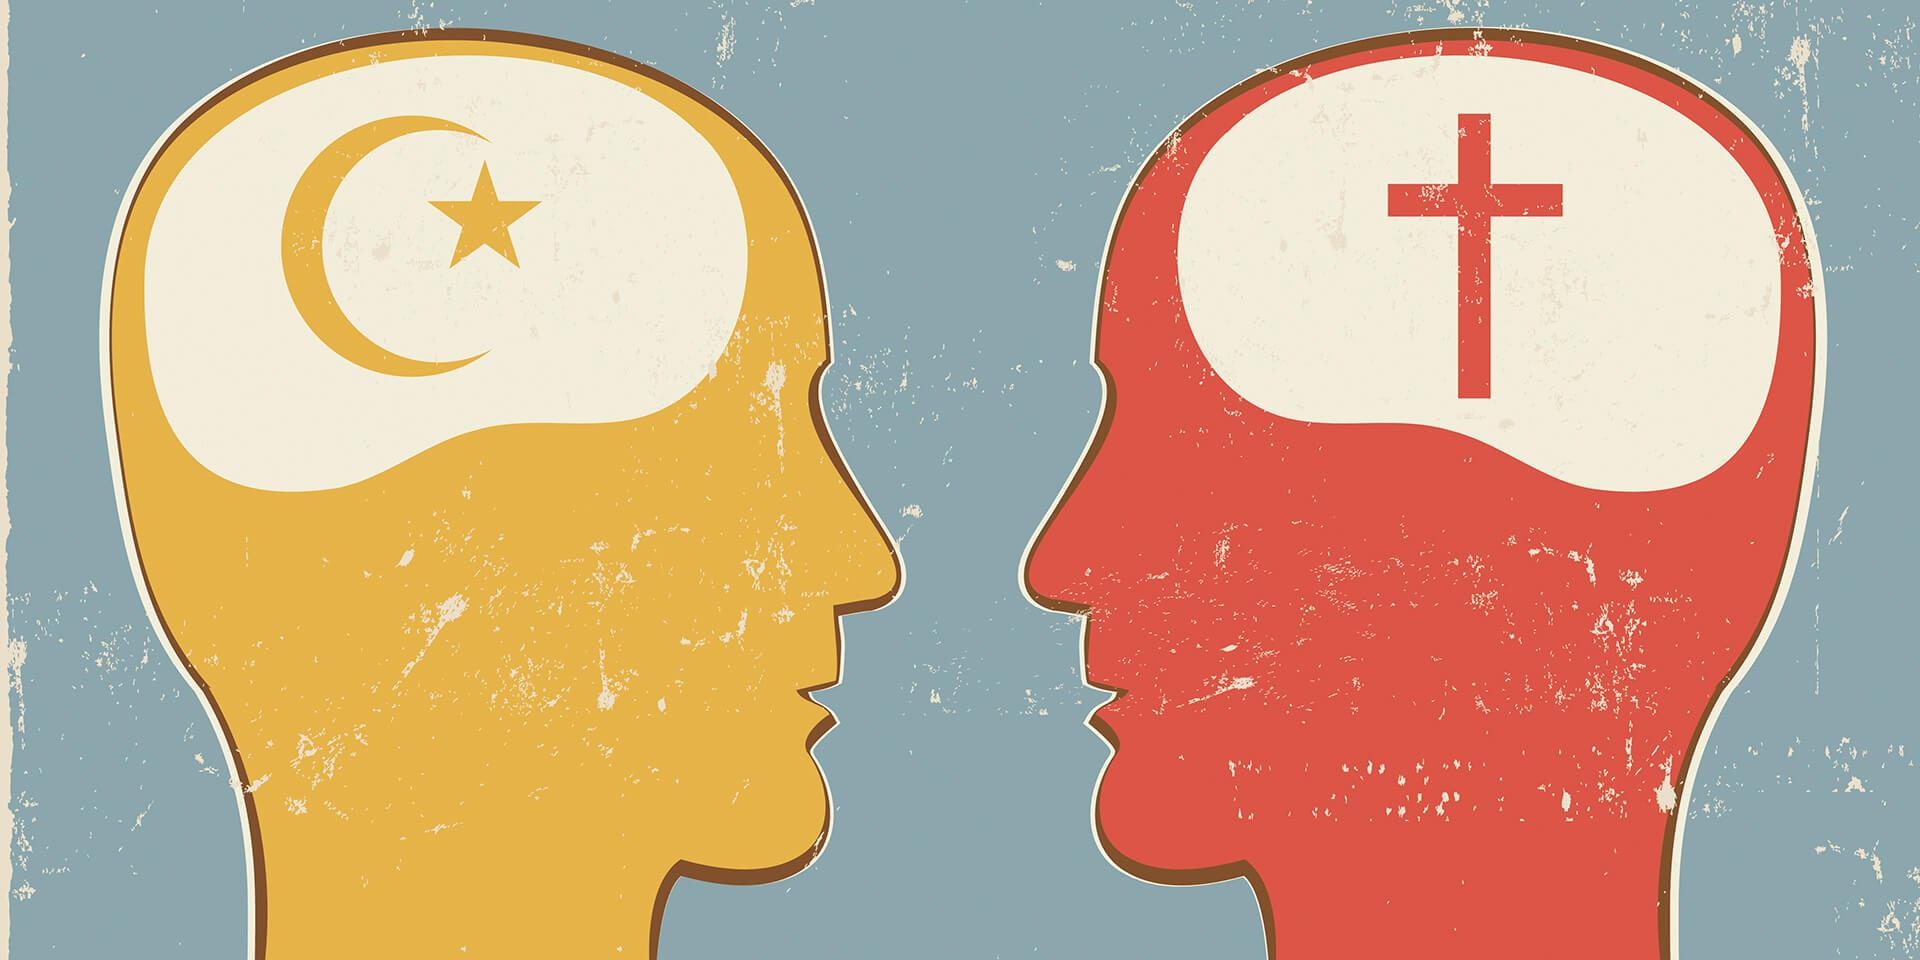 stilisierte Darstellung zwei Köpfe im Dialog